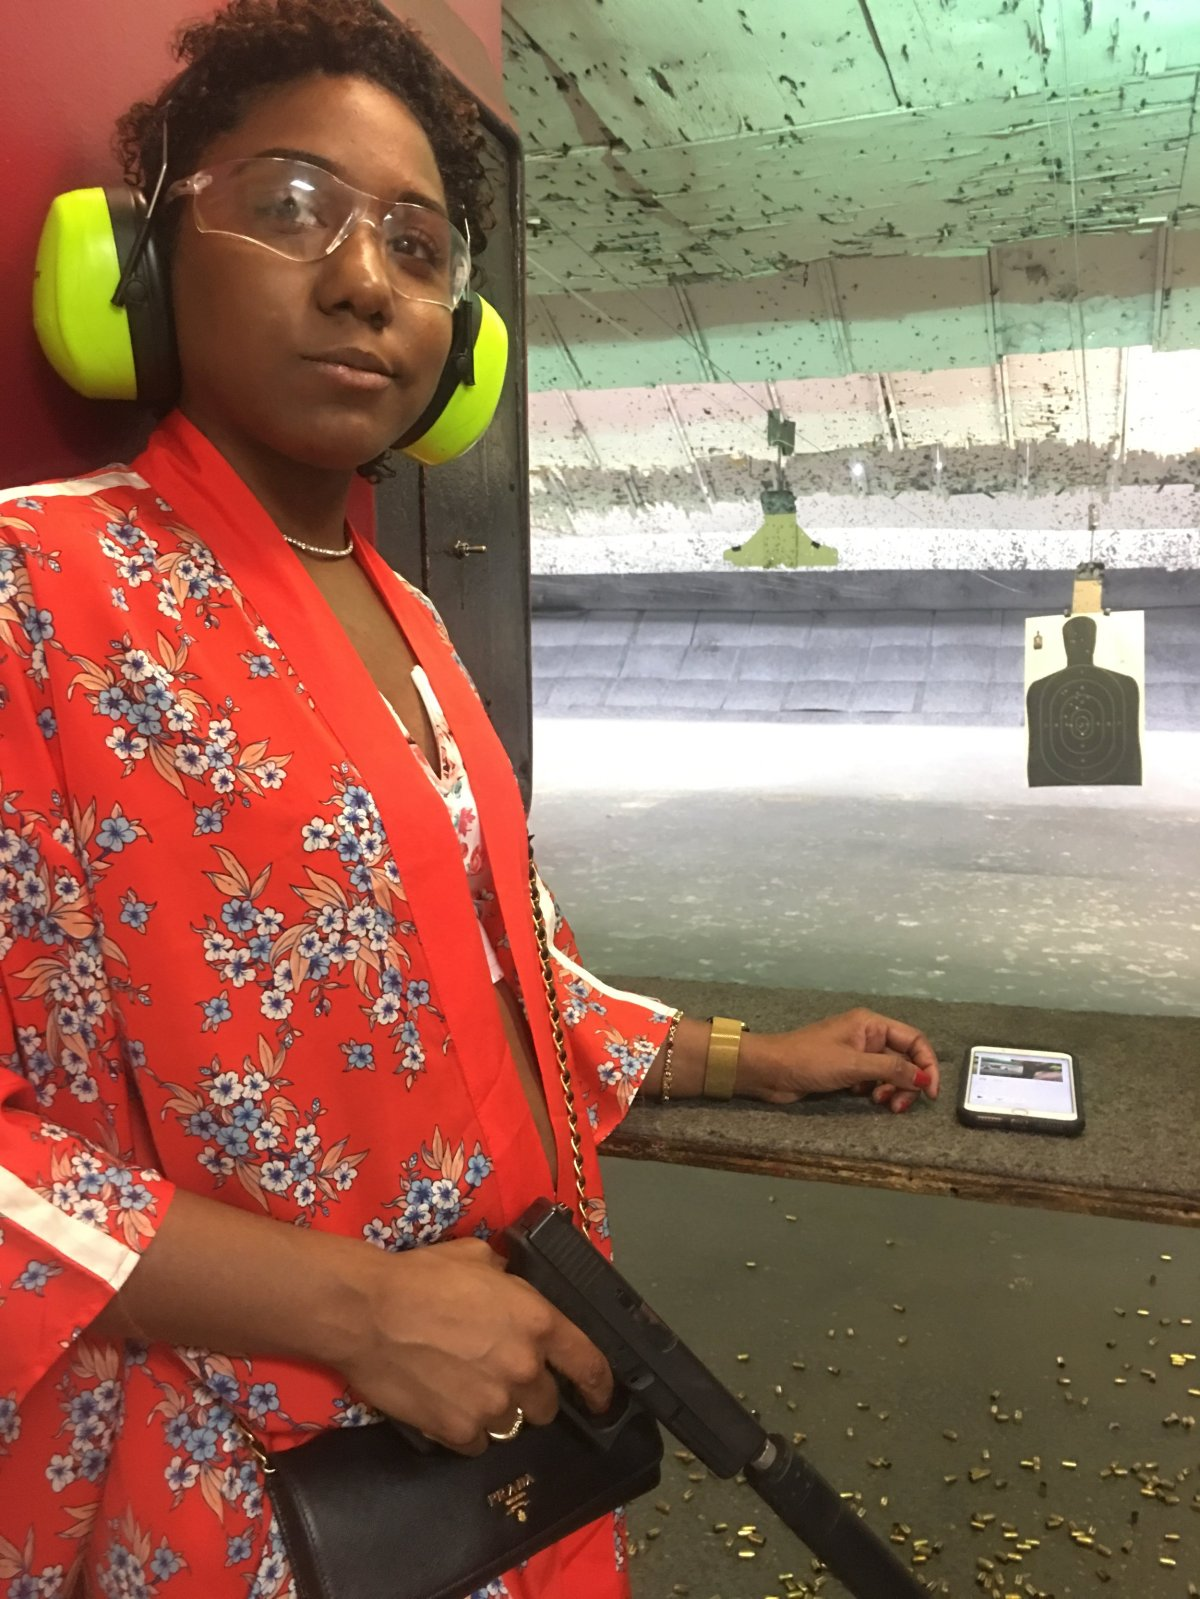 Me @ the PEMBROKE GUN RANGE